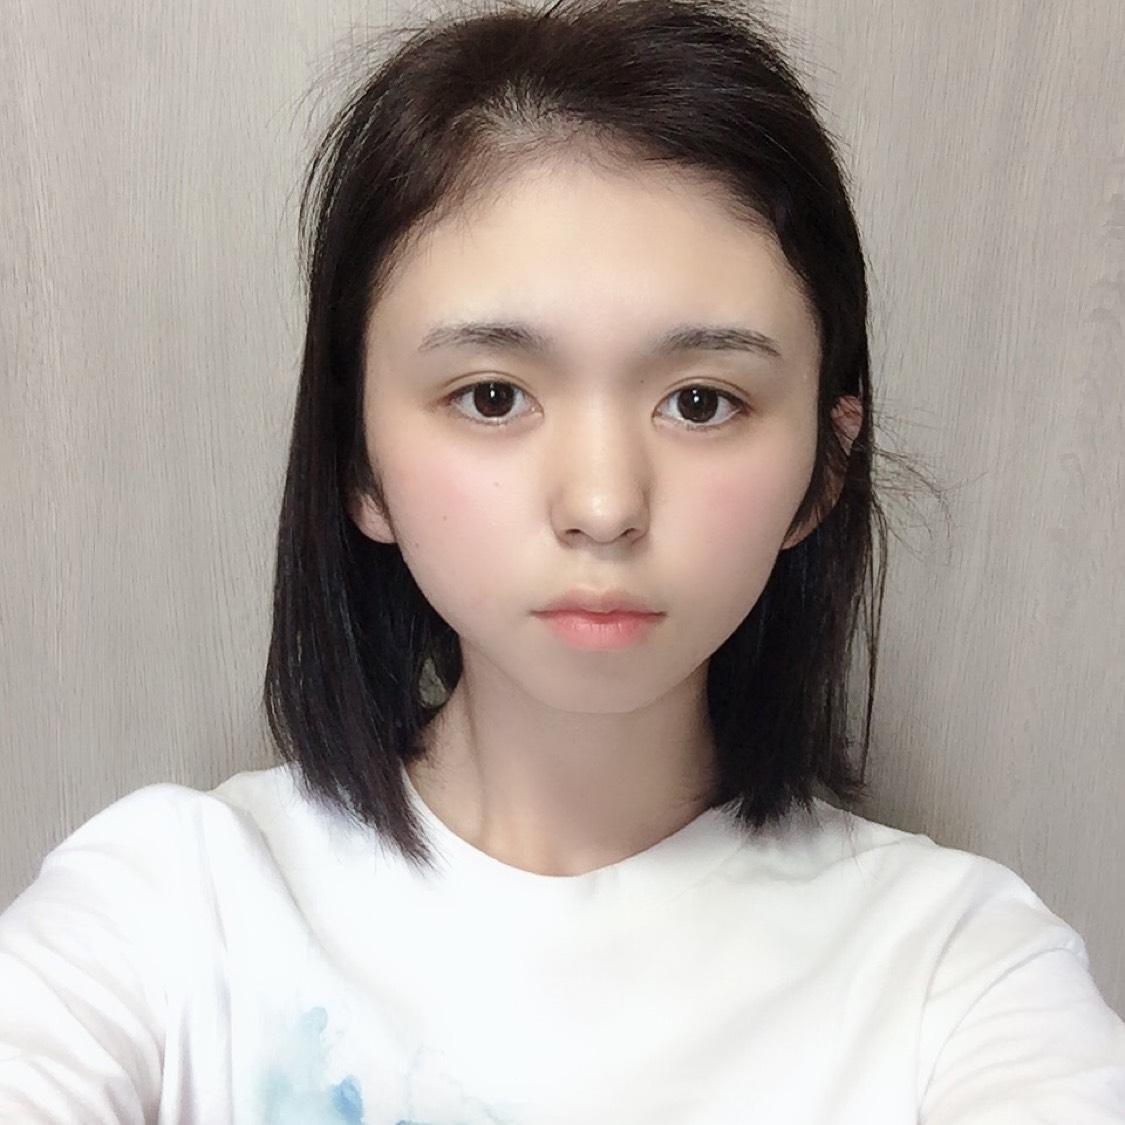 真面目ちゃんメイク(メガネ主役)のBefore画像